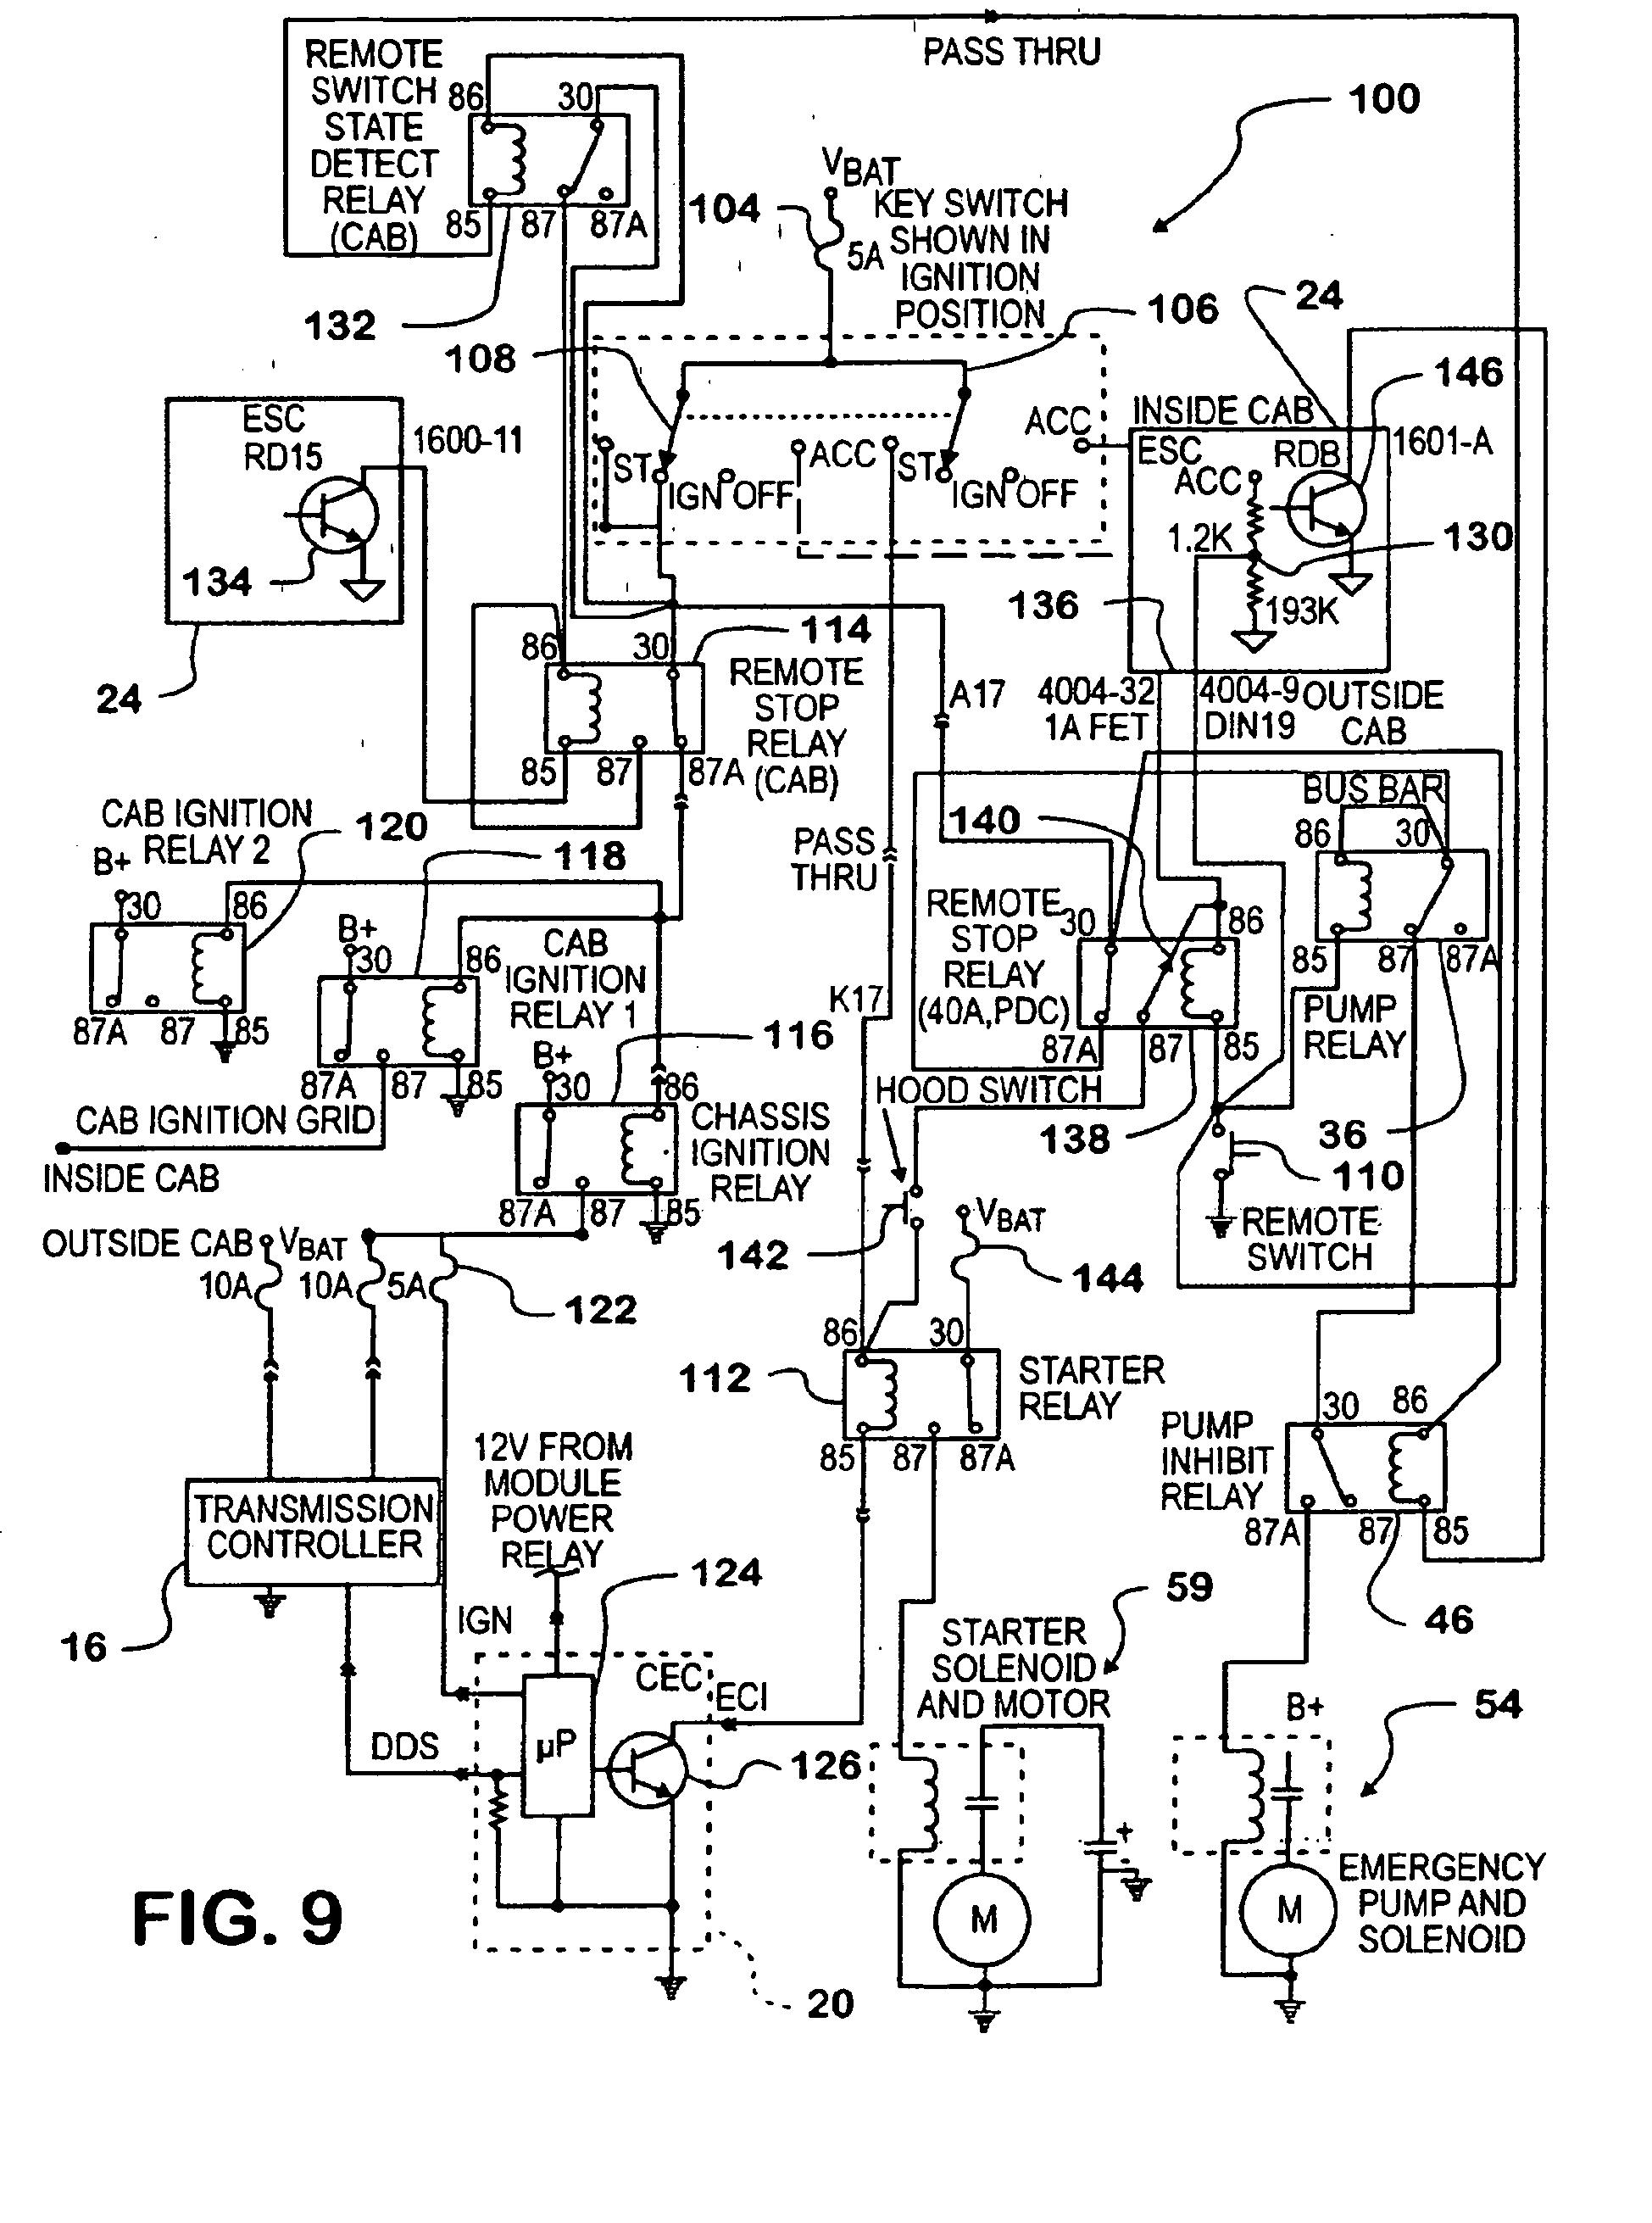 Schema Elektrischer Doppel Zundschalters